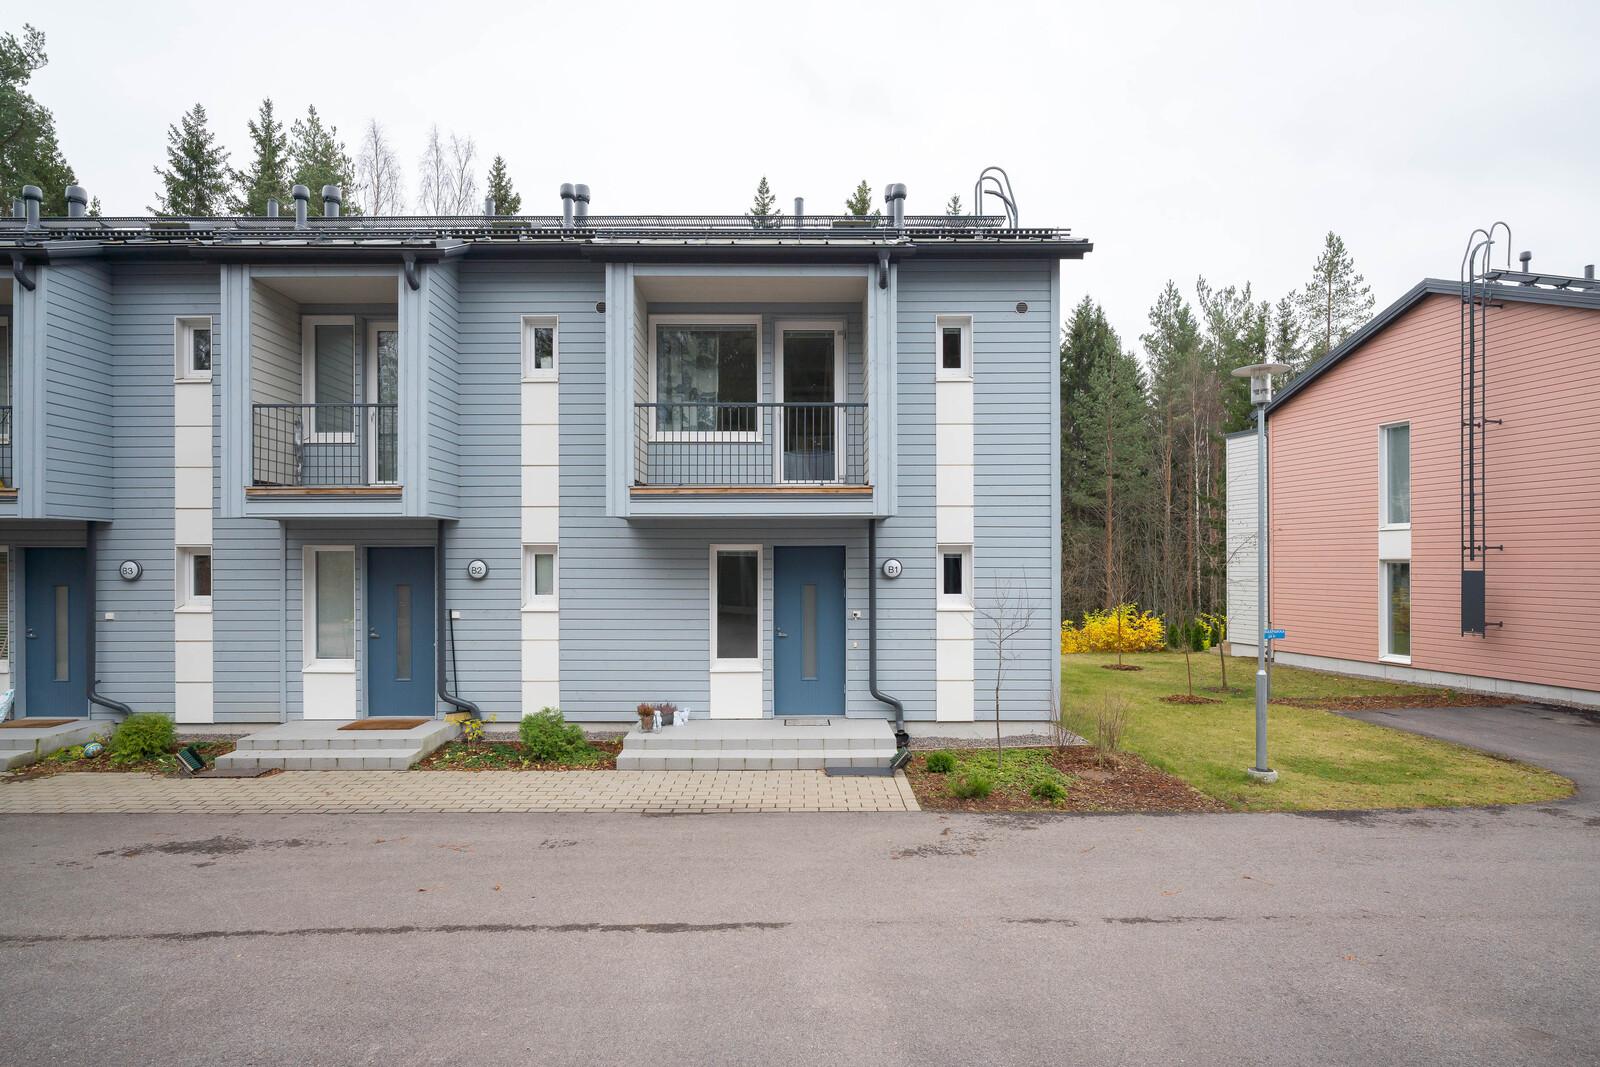 Pihlajarinne, Myllykylä, Järvenperä, Espoo